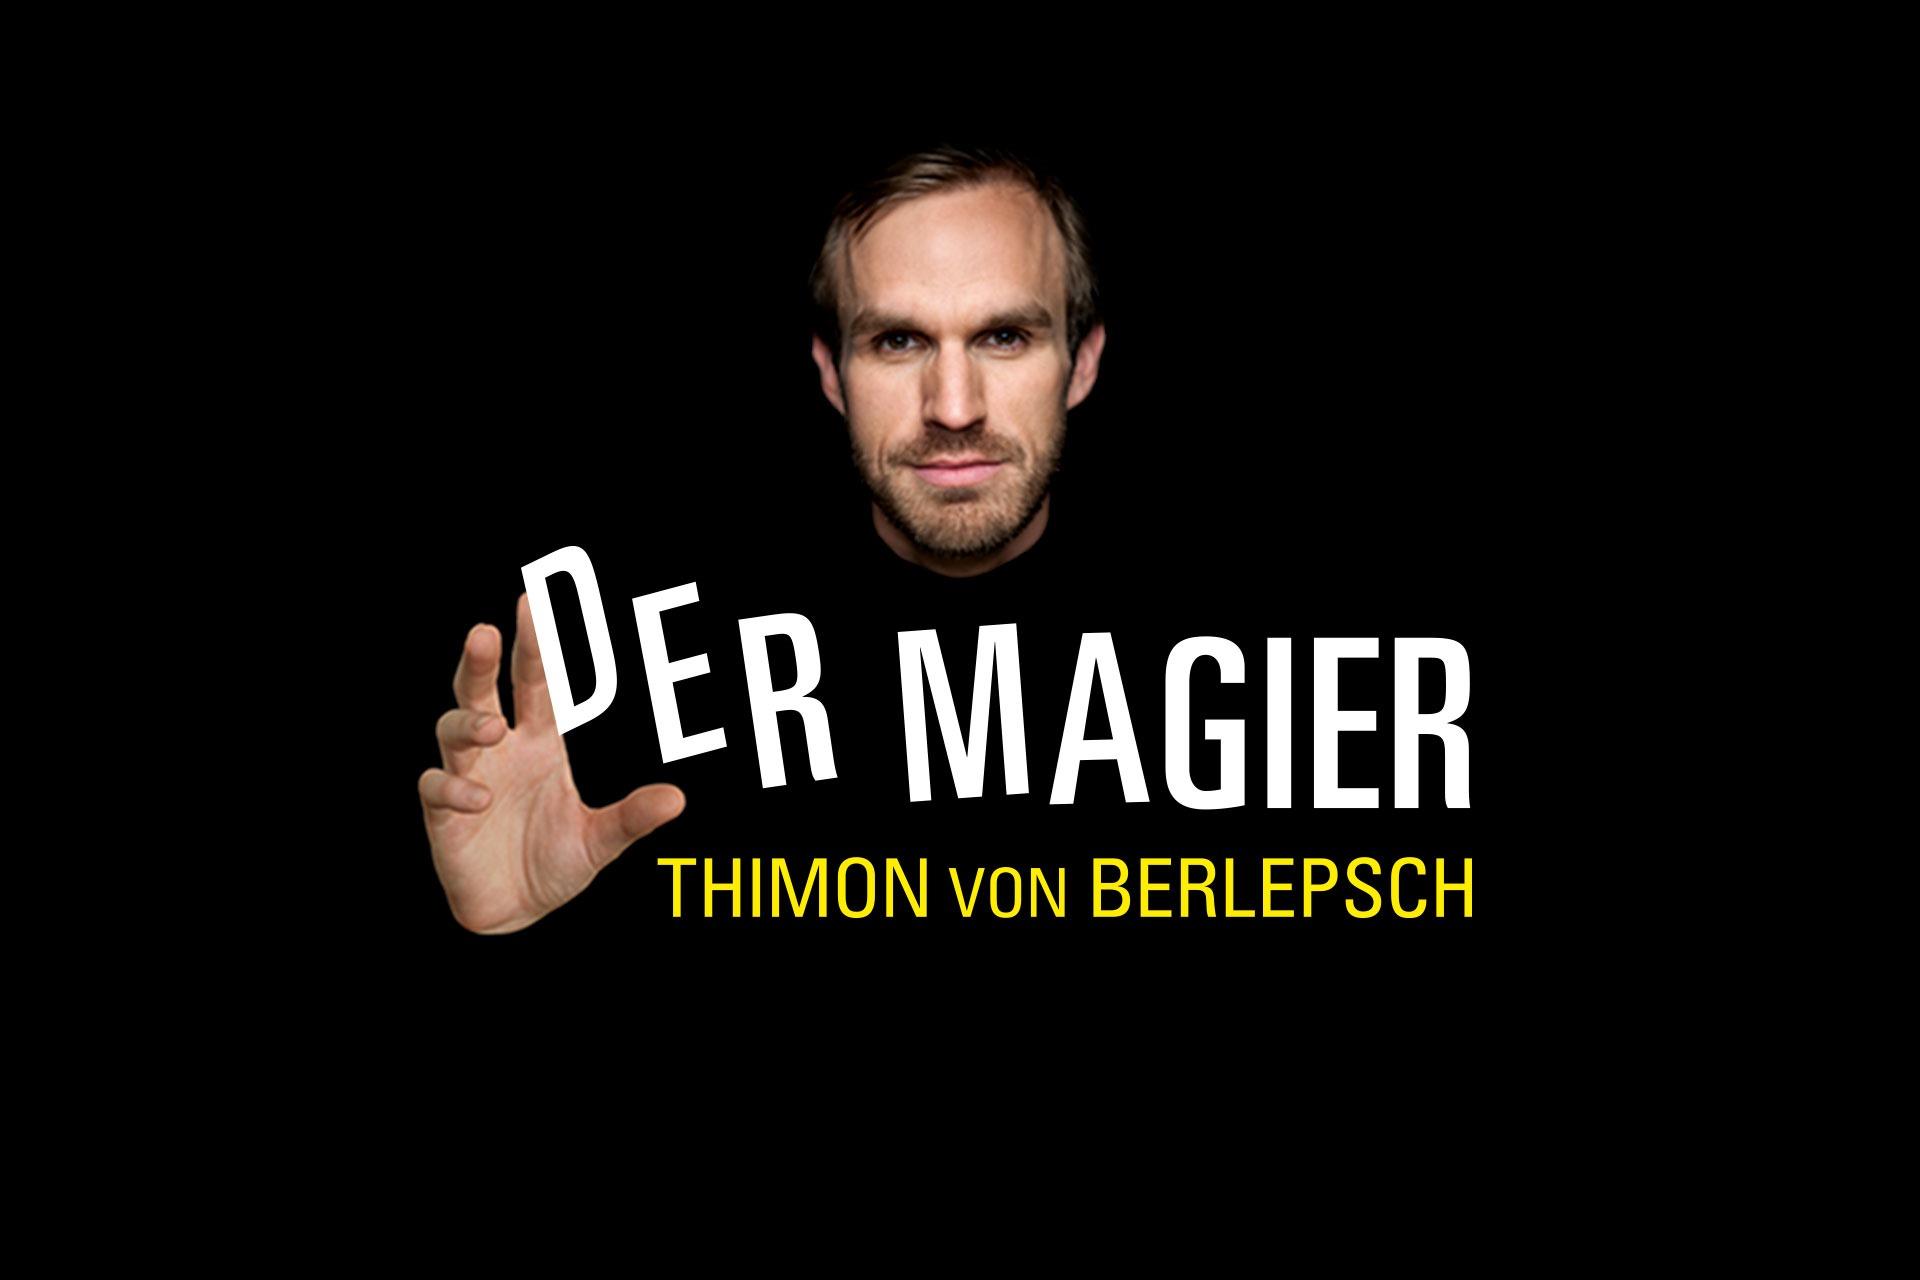 Der Magier Thimon von Berlepsch